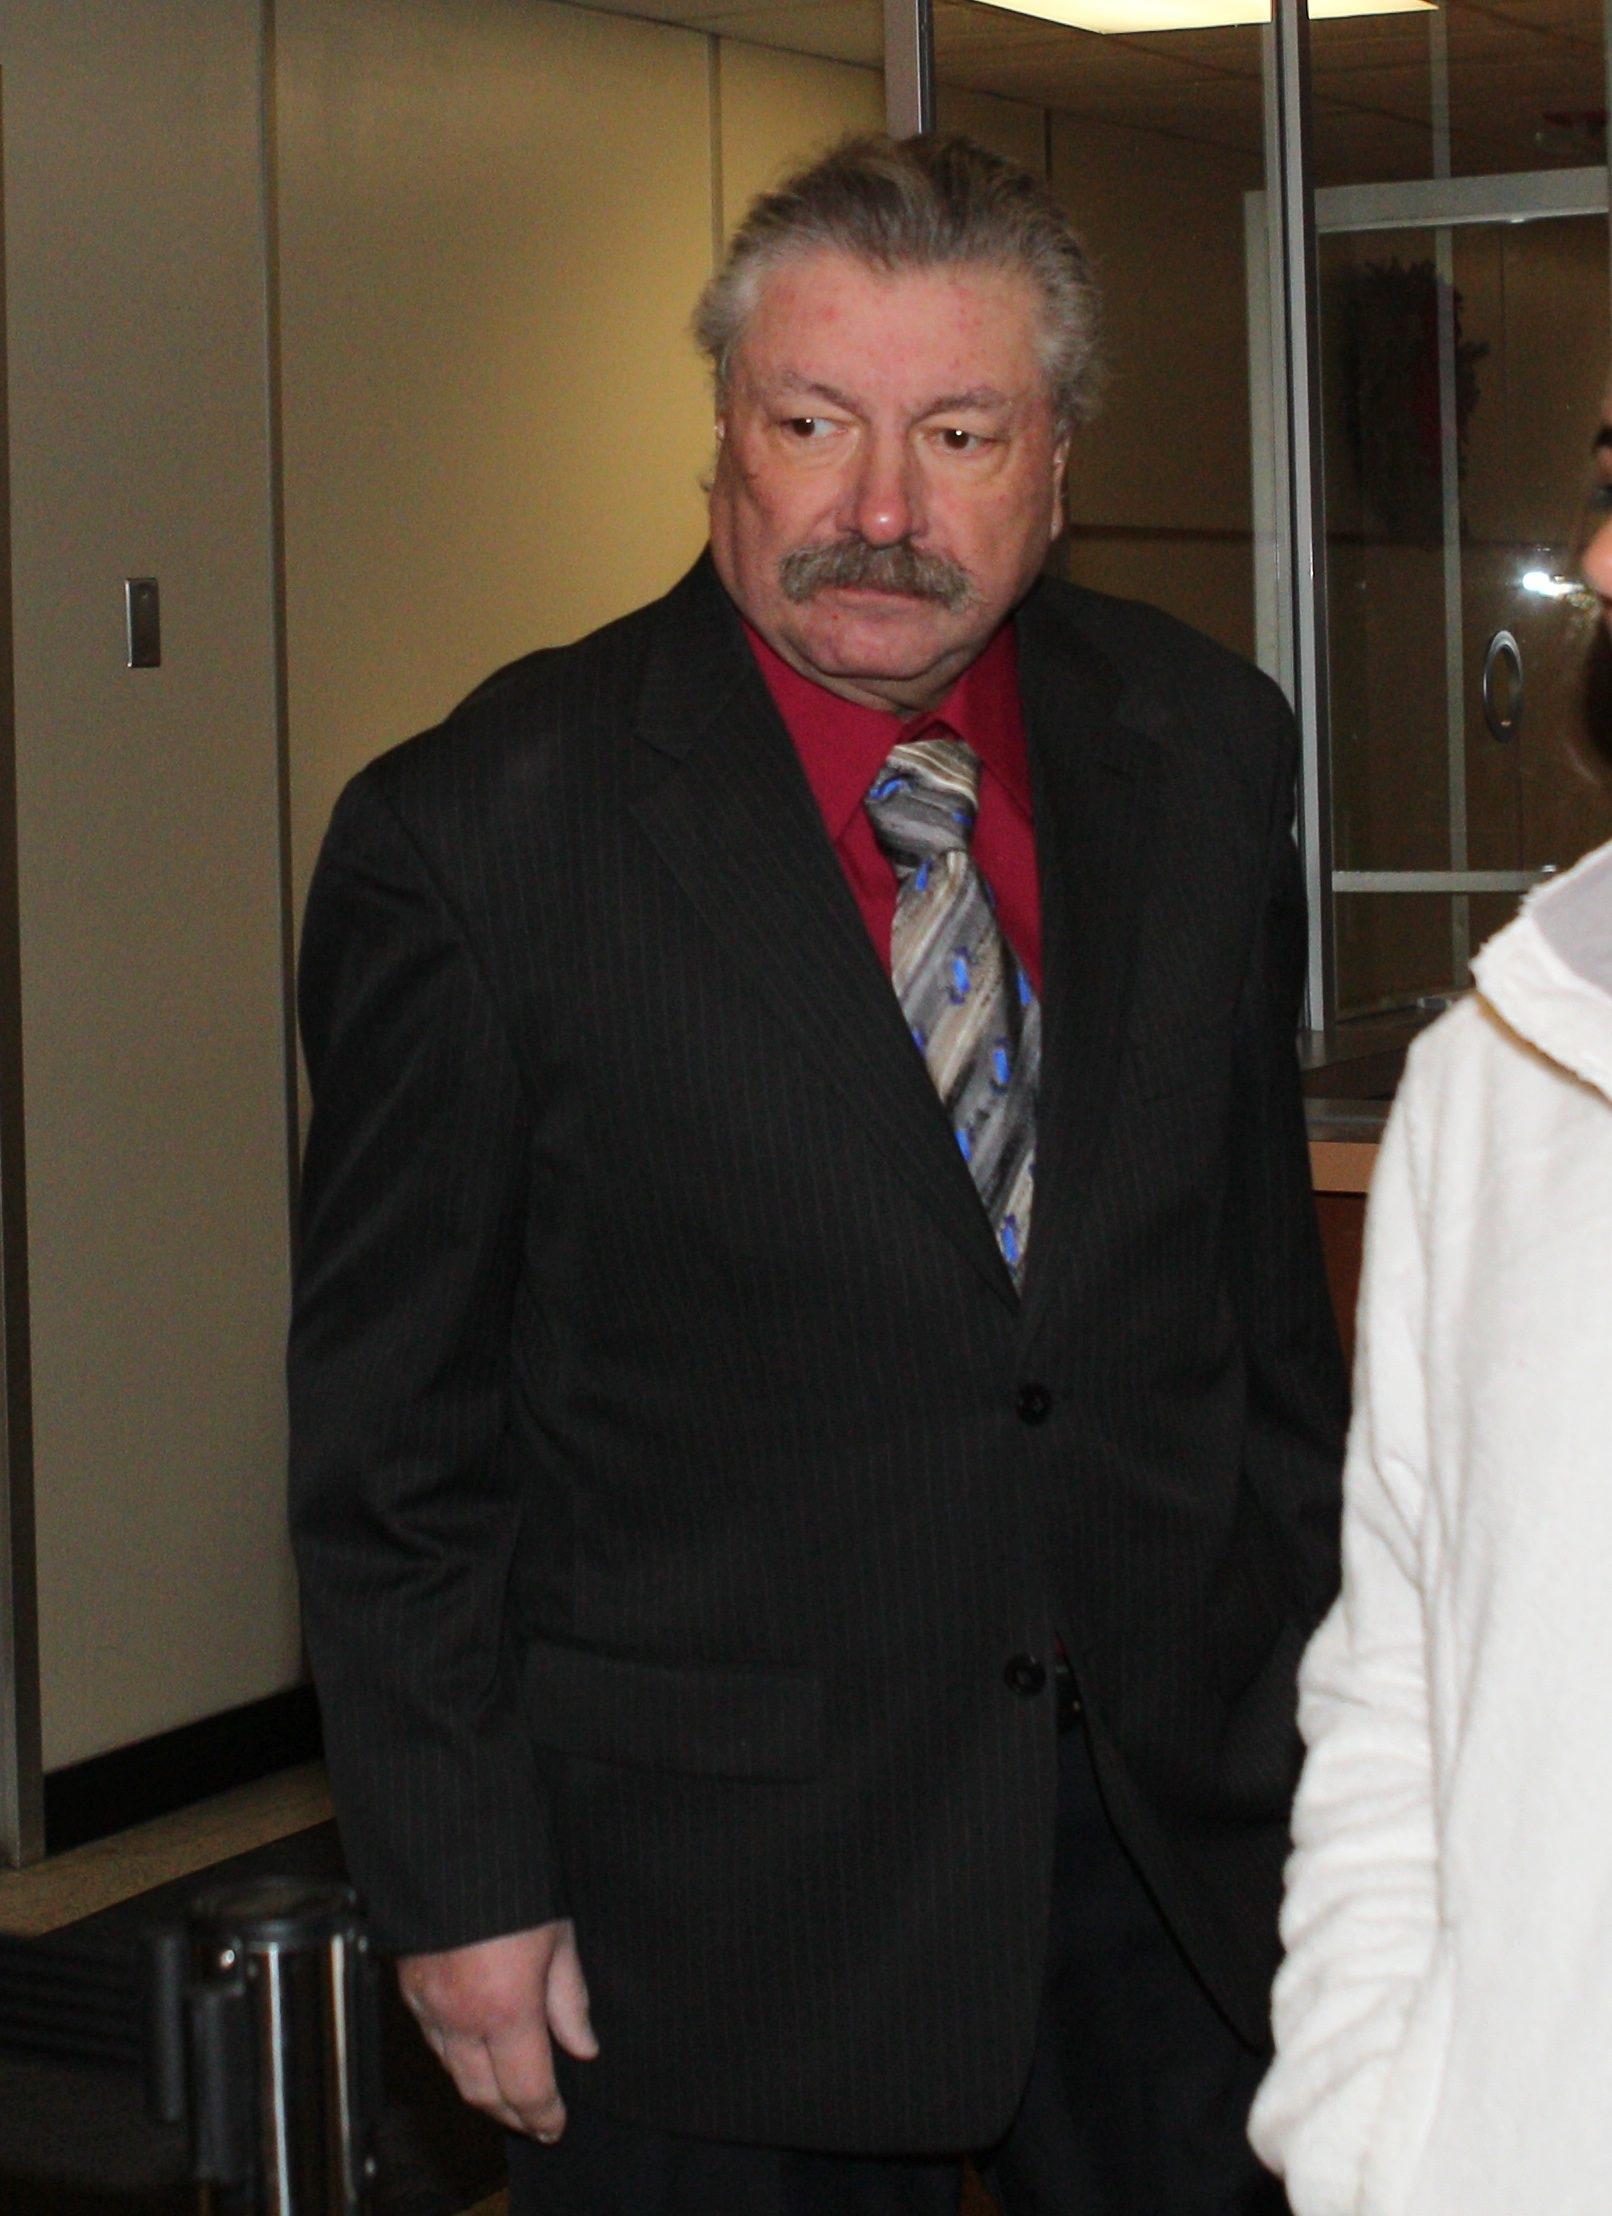 Robert Styn Jr. arrives at West Seneca Town Court where he was arraigned.